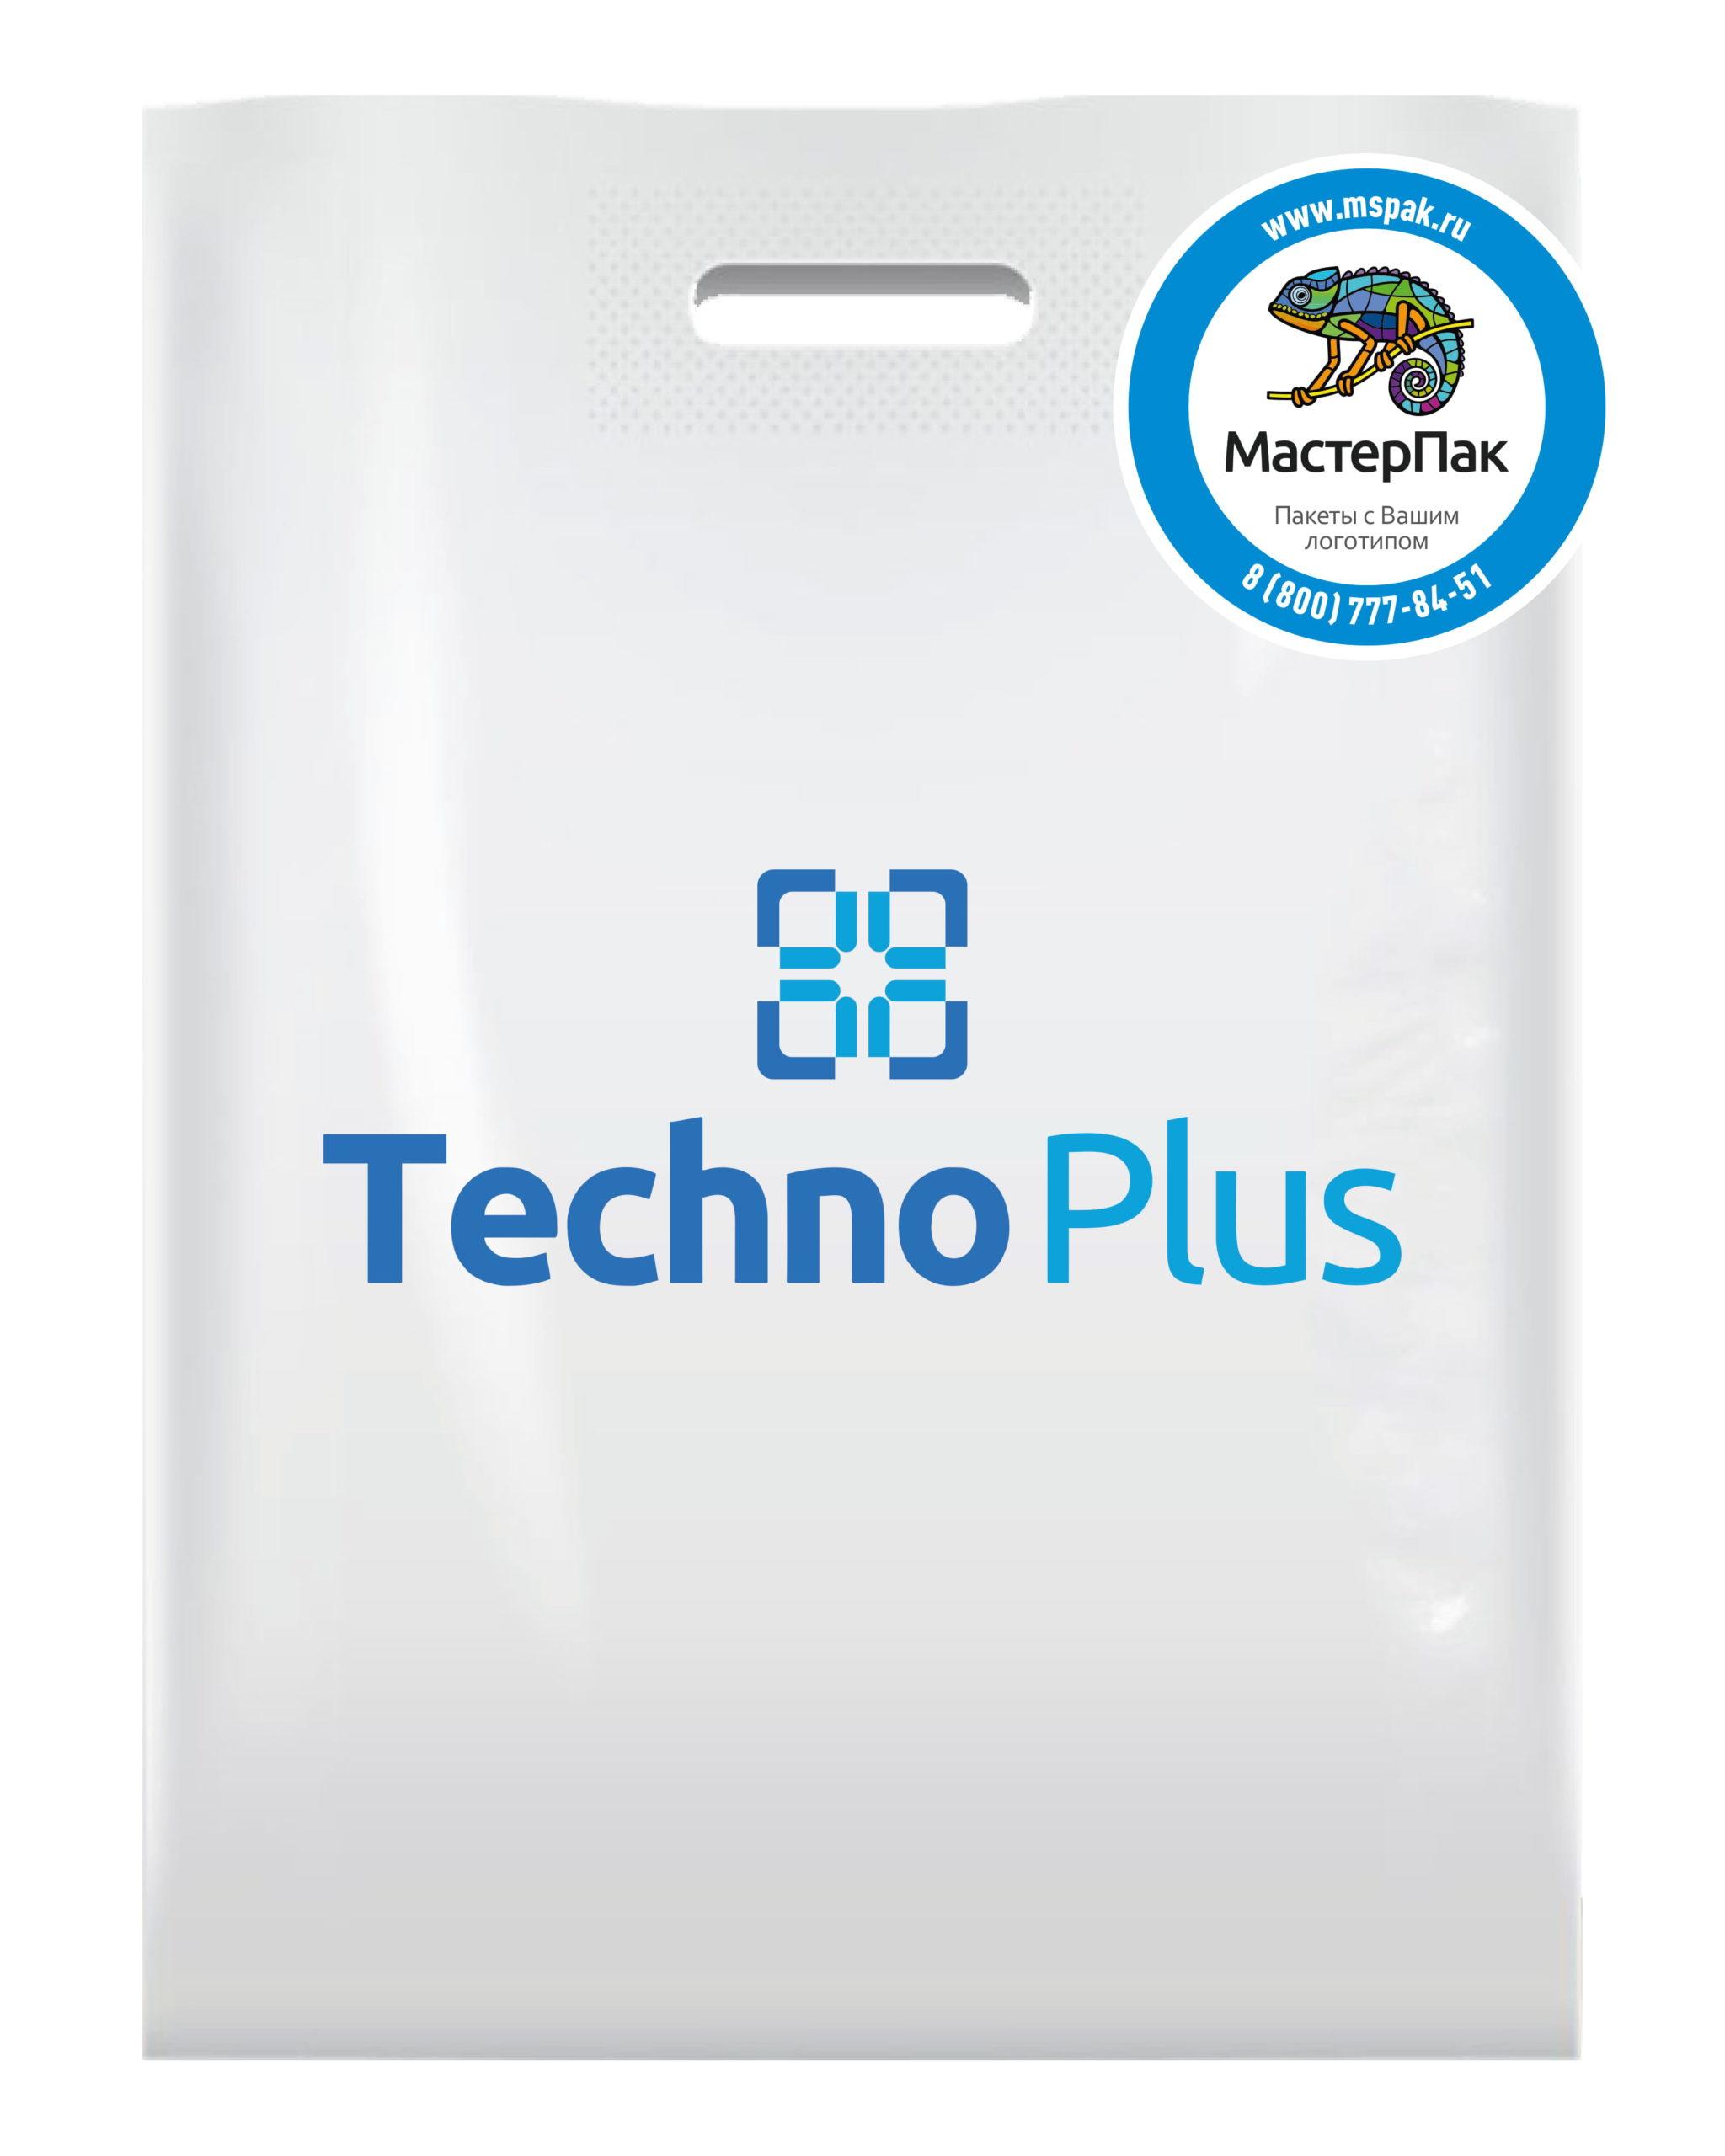 Пакет ПВД с вырубной ручкой и логотипом Tehno plus, Благовещенск